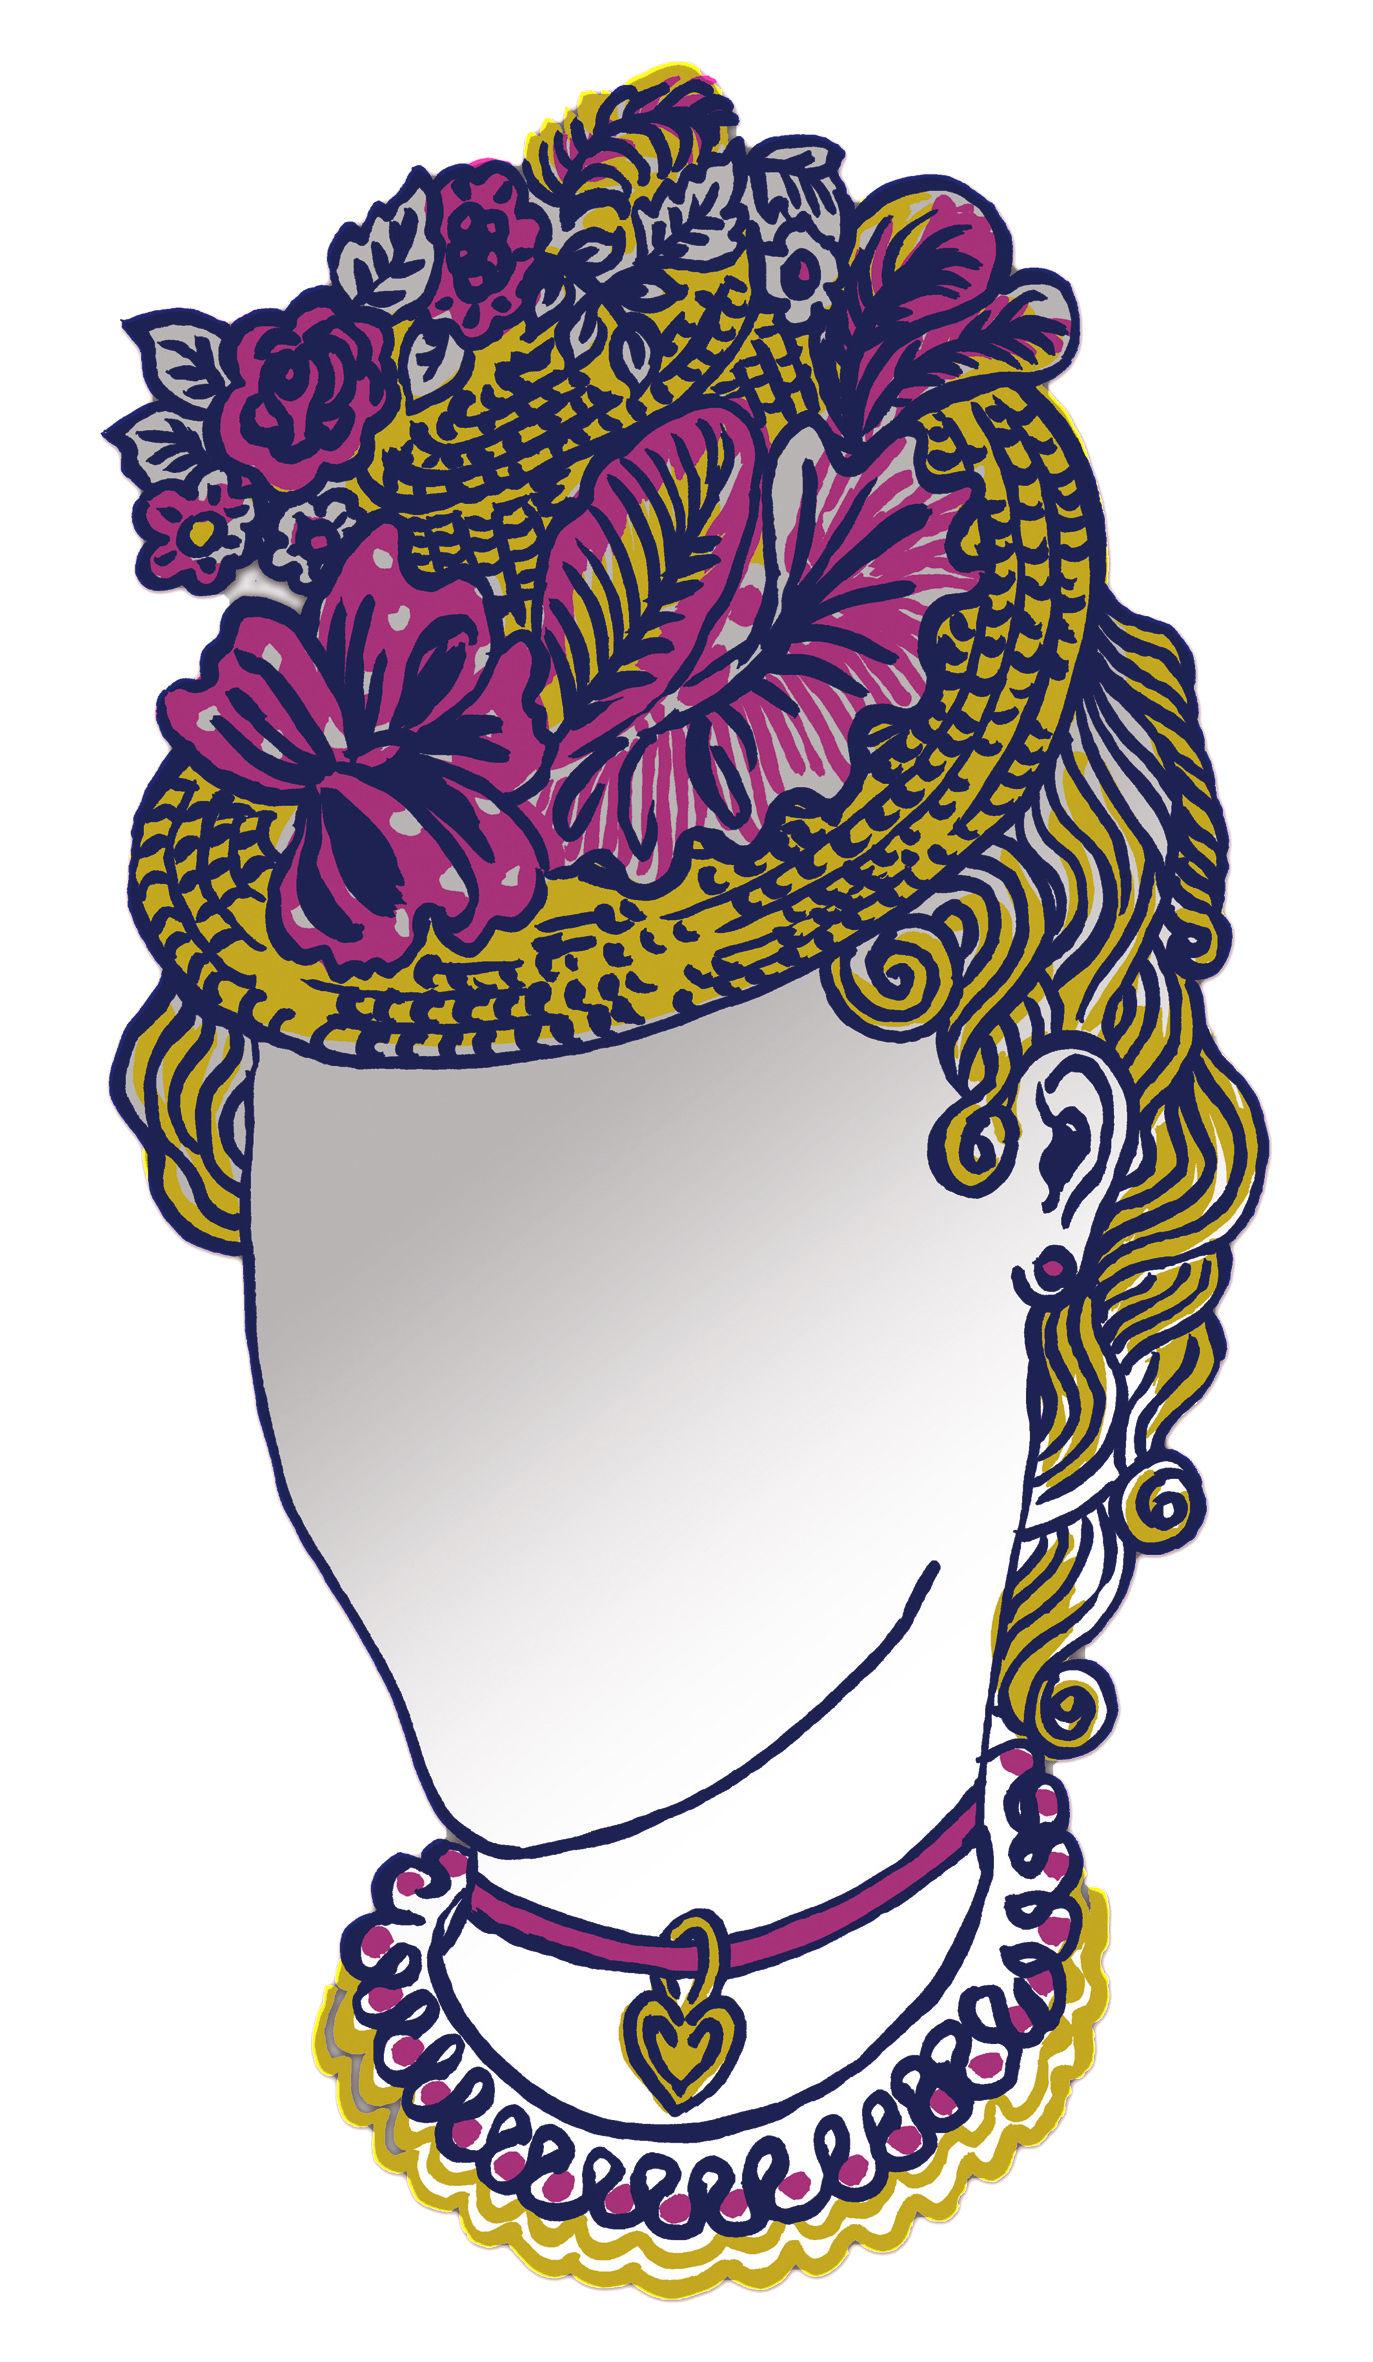 Mobilier - Miroirs - Miroir autocollant Dame / 23 x 44 cm - Domestic - Dame - Perspex